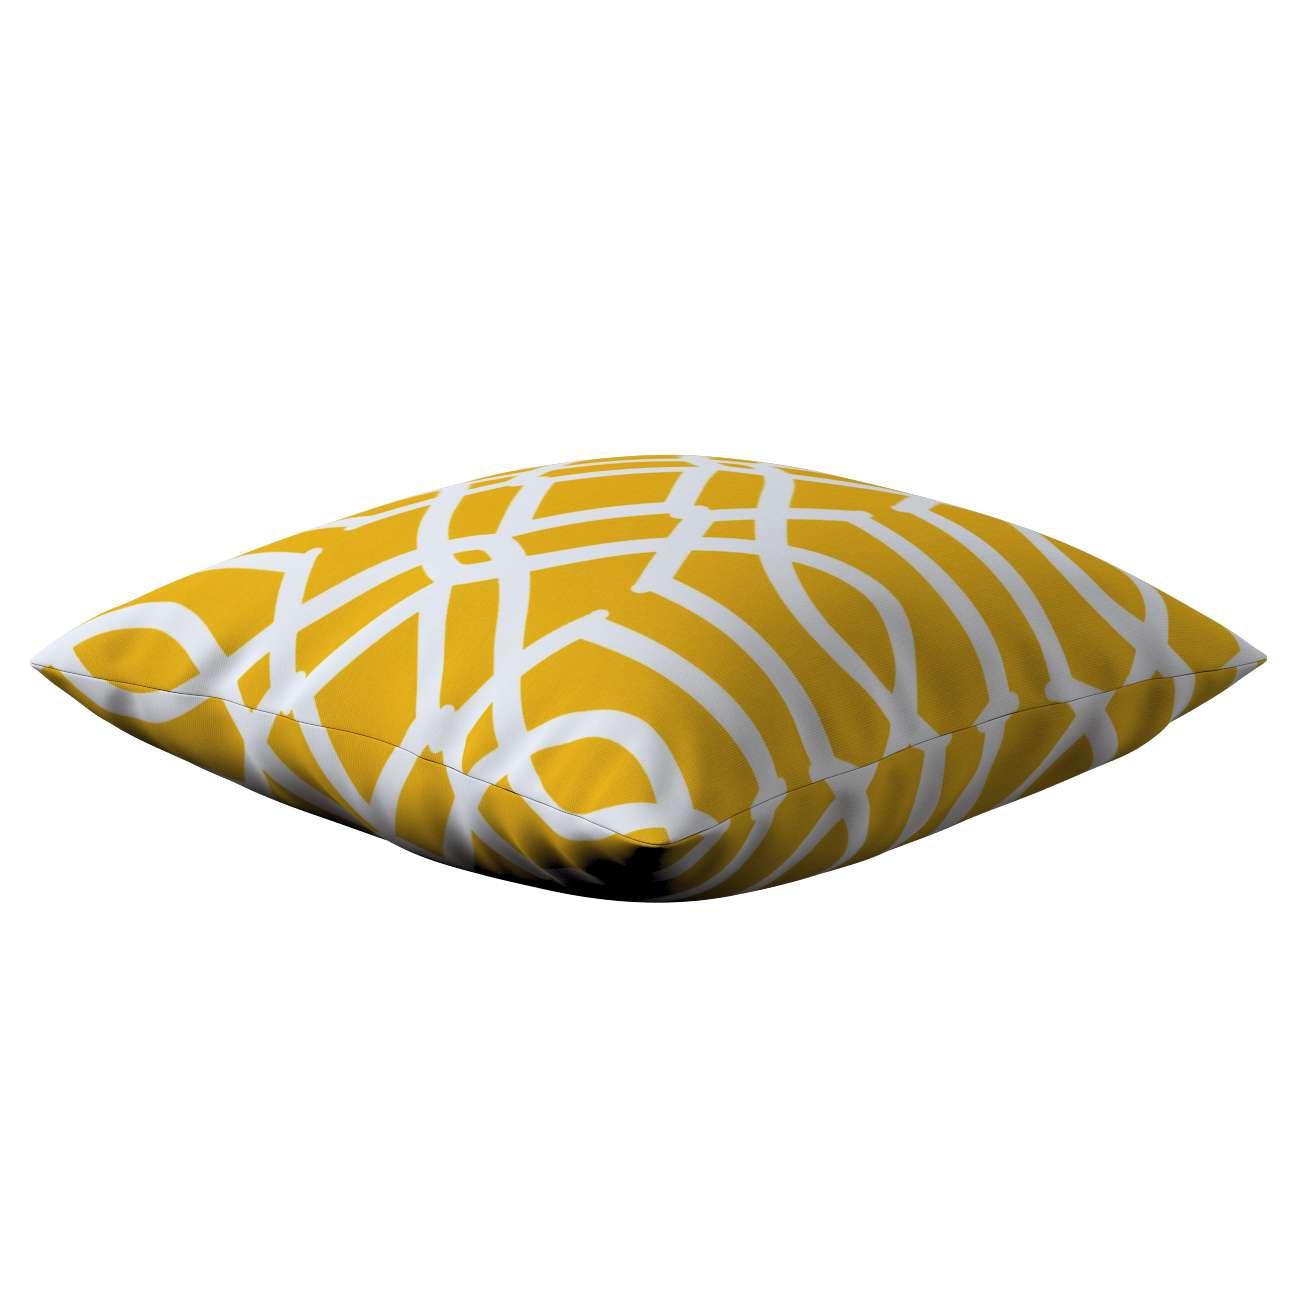 Kinga dekoratyvinės pagalvėlės užvalkalas 43 x 43 cm kolekcijoje Comics Prints, audinys: 135-09